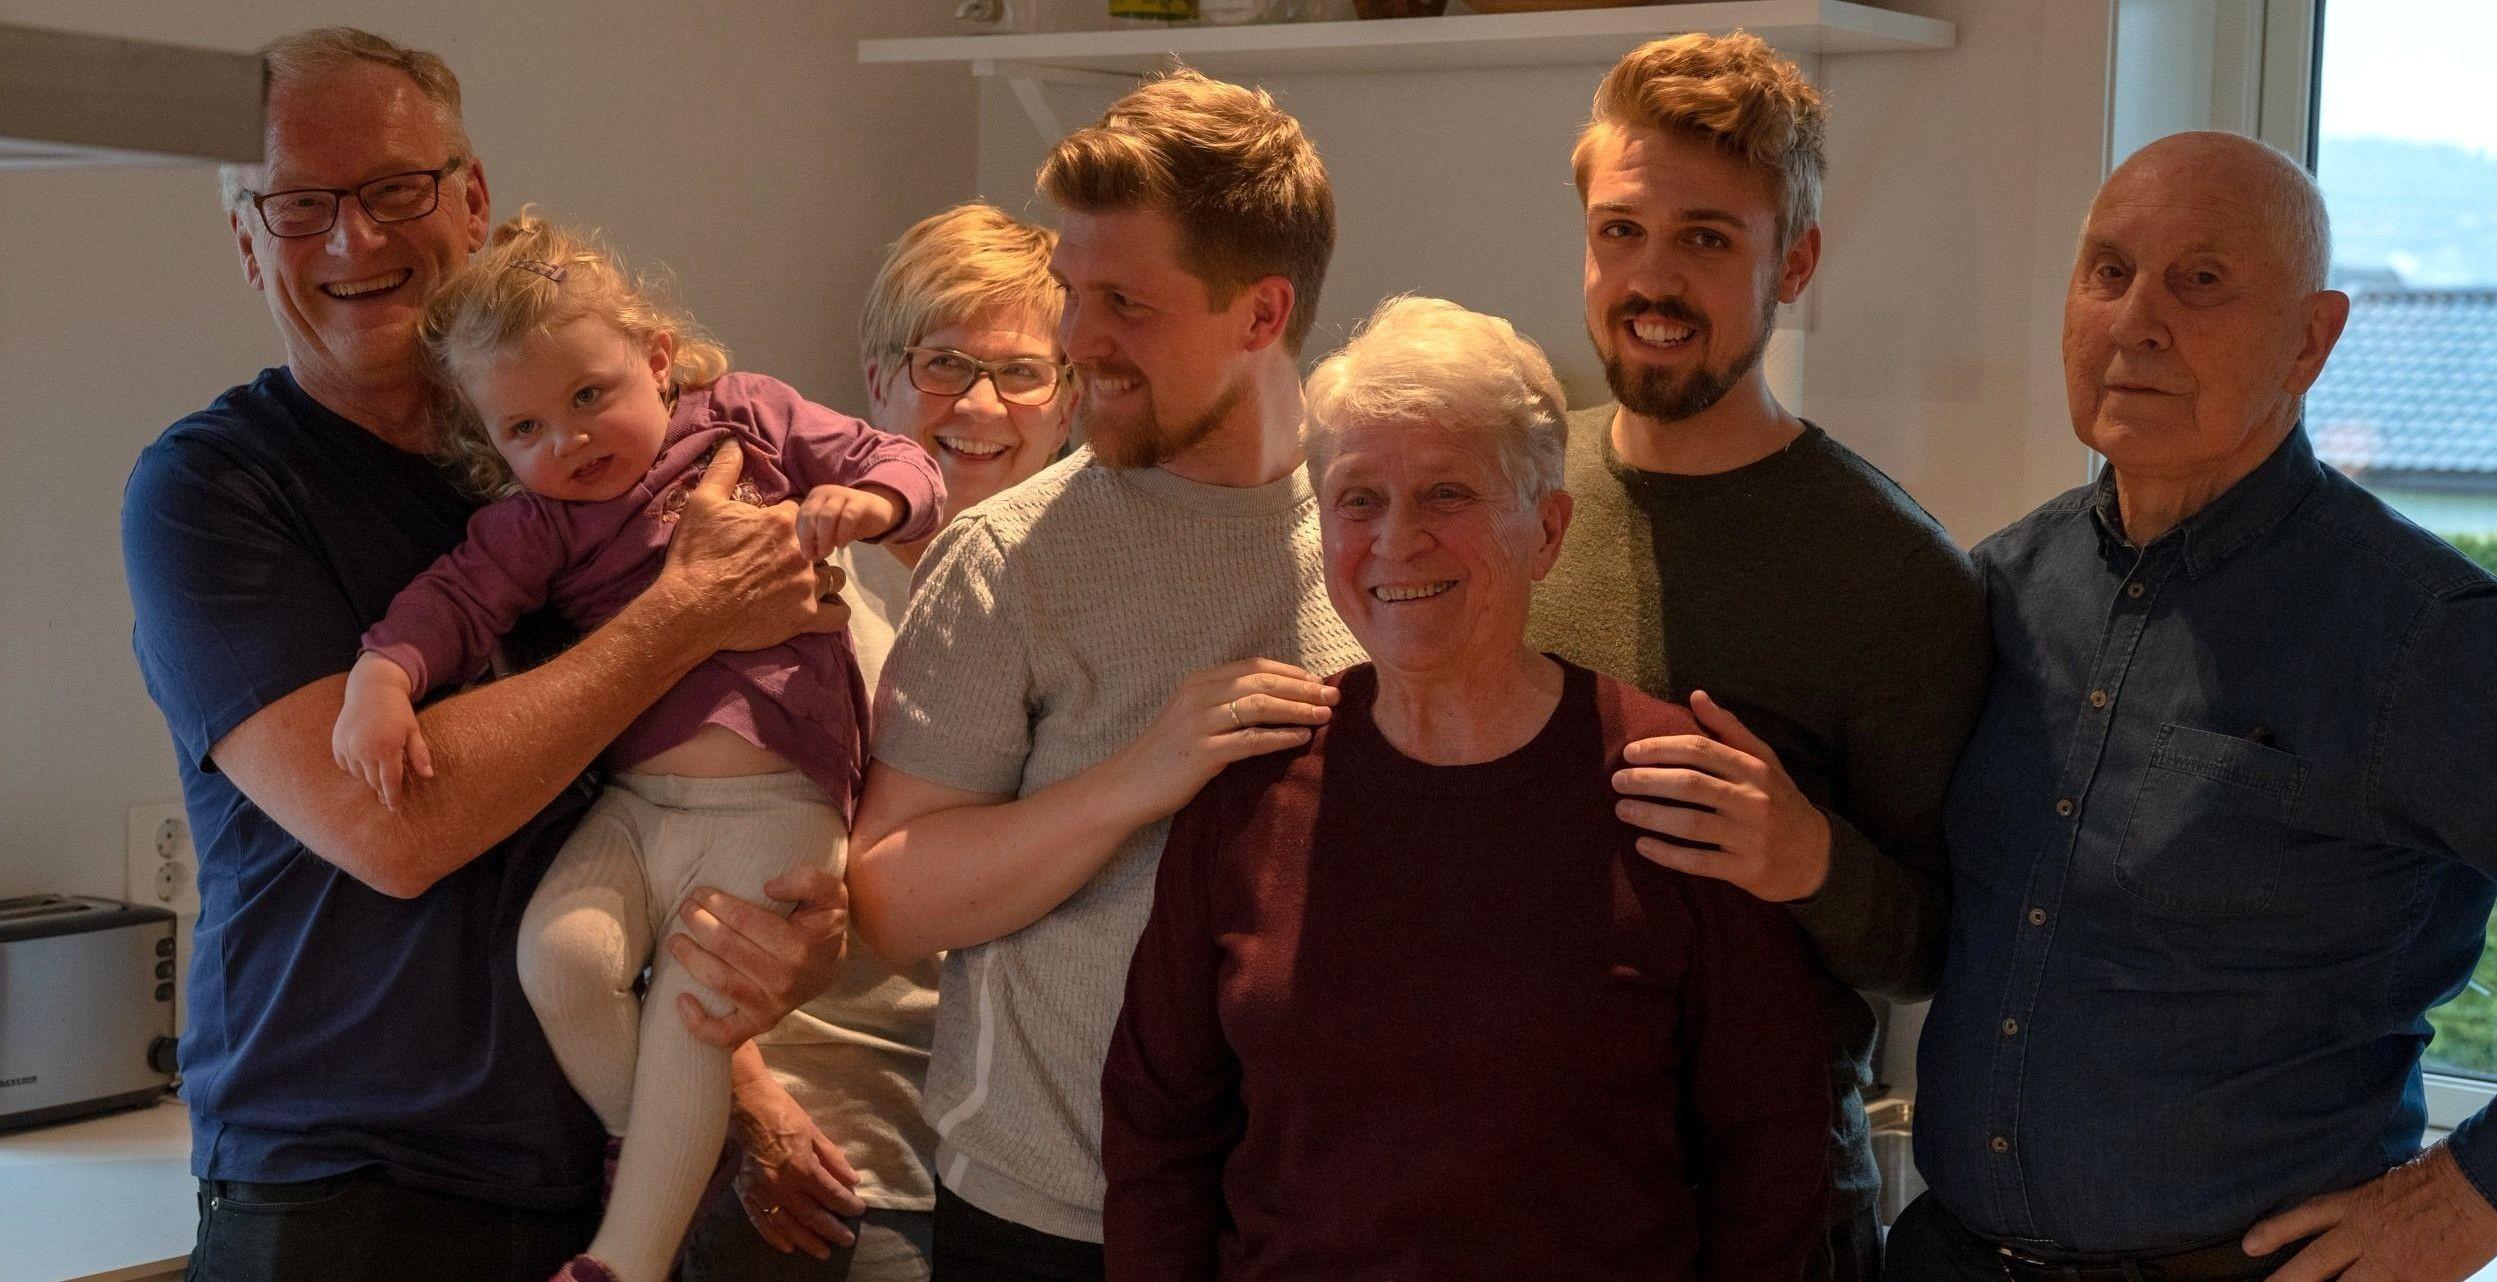 Ylva har levd sine to første år i Oslo. Nå skal hun bli ekte lillestrømling som pappa, farmor, oldemor og oldefar. Fra venstre: Farfar Jon Skjervold (61), Ylva Landaas Skjervold (2), farmor Heidi Skjervold (53), pappa Magnus Landaas Skjervold (30), oldemor Unni Andersen (79), pappa Torstein Landaas Skjervold (27), oldefar Per Ronny Andersen (83).